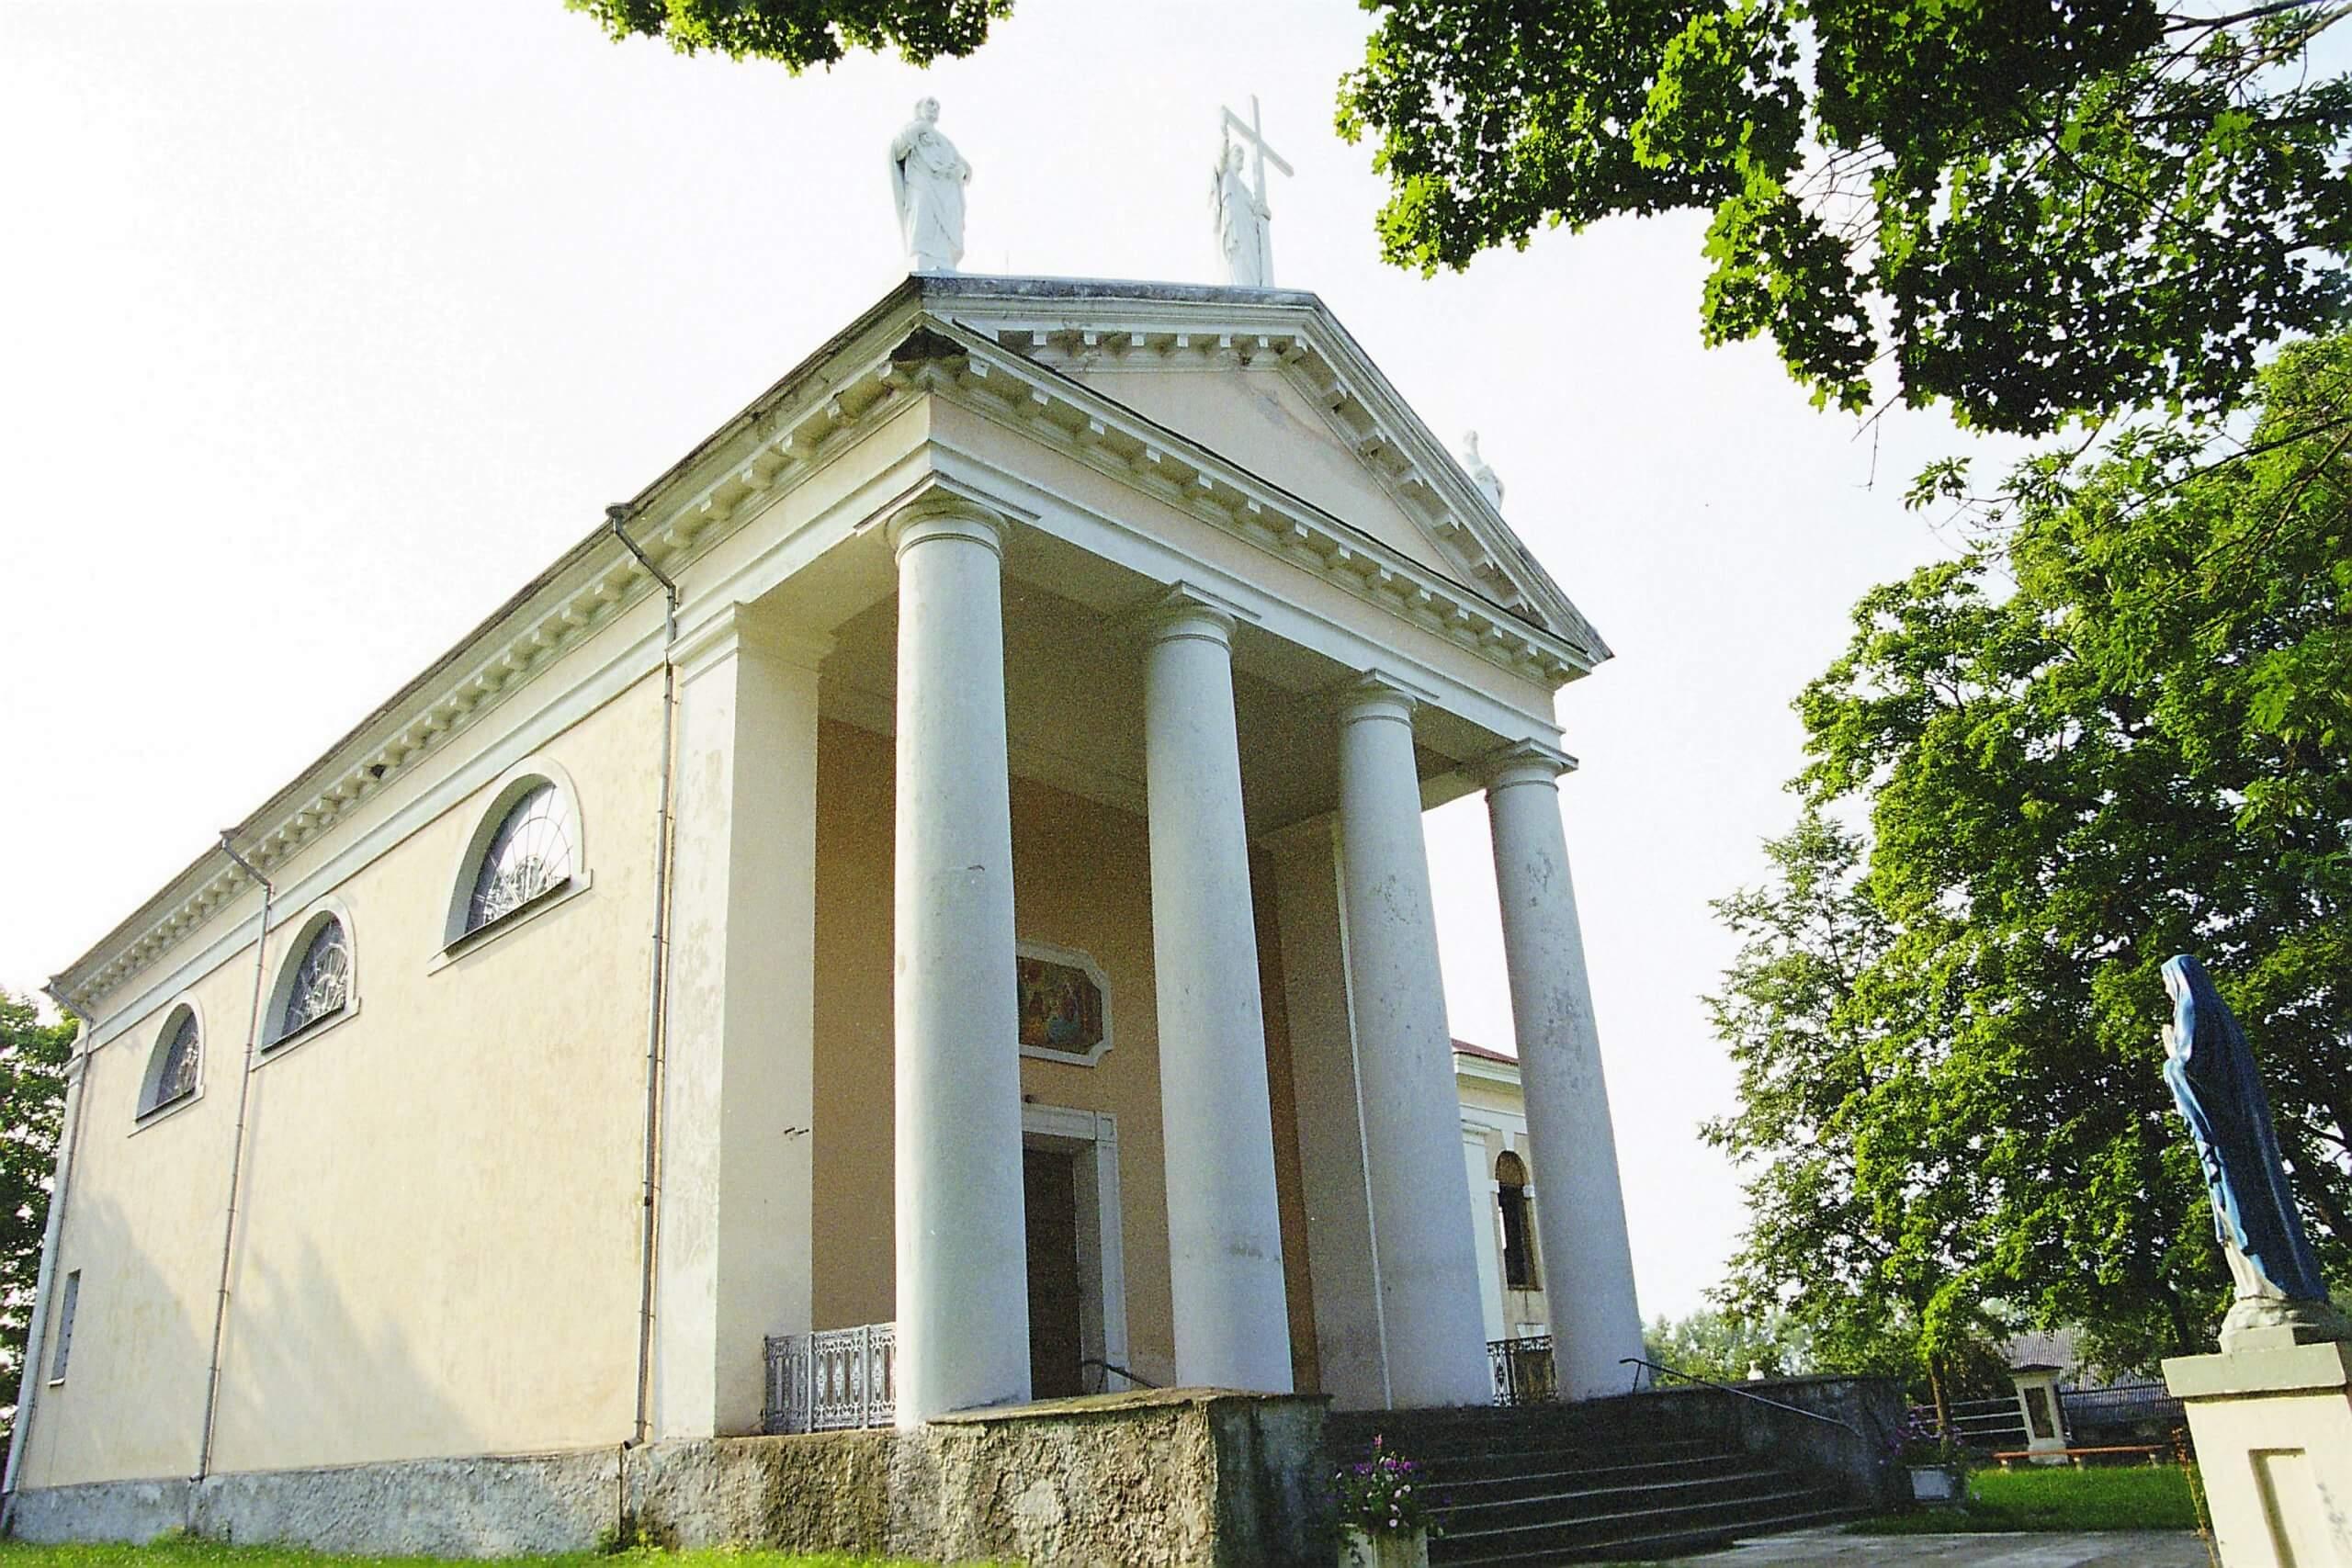 Taujėnų Šv. Kryžiaus Išaukštinimo bažnyčia (Ukmergės rajonas)